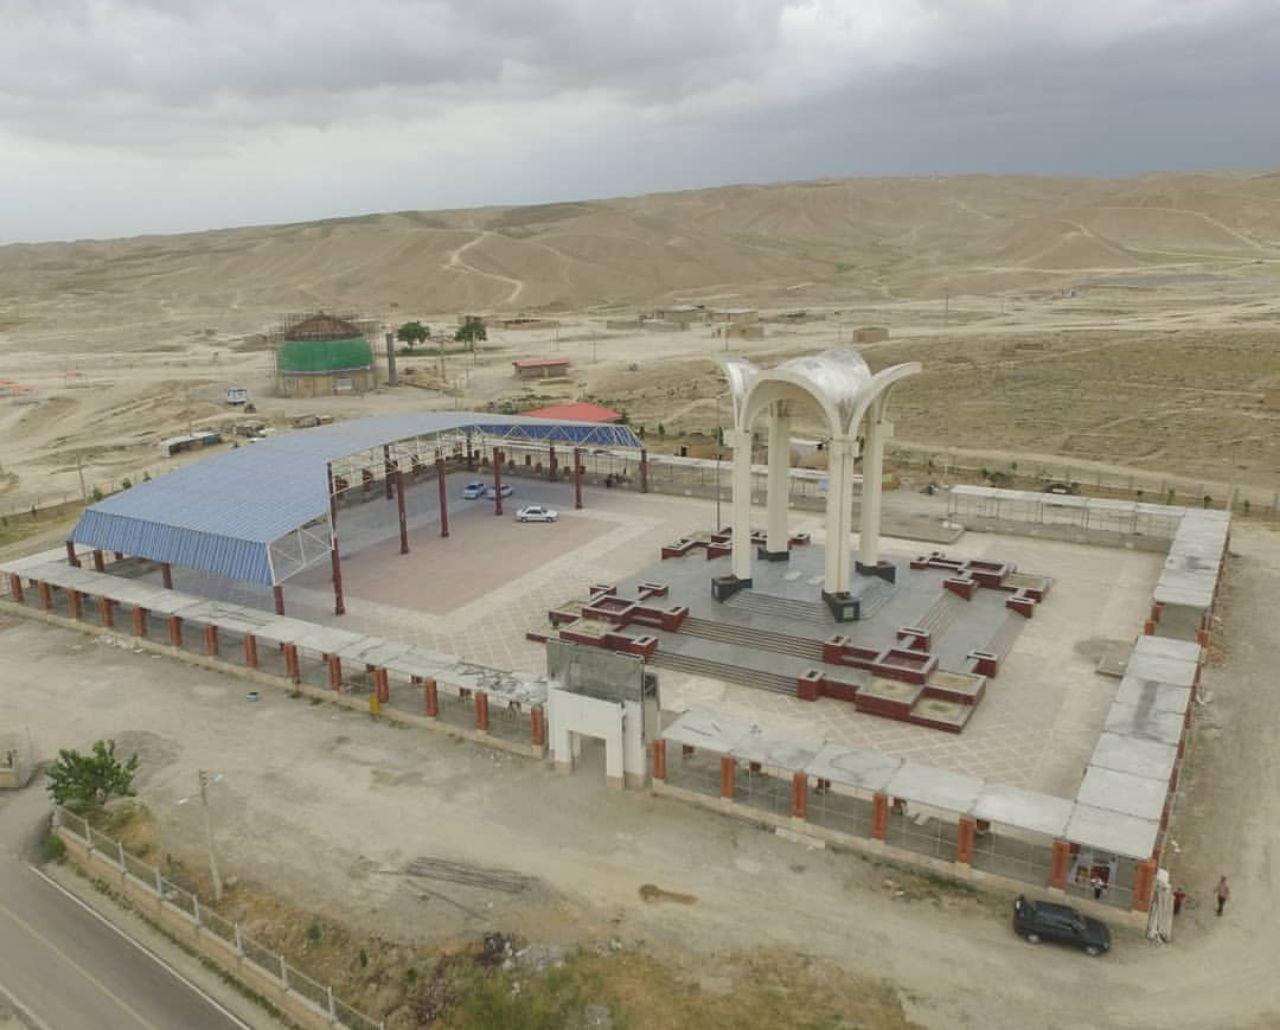 عملیات اجرایی تکمیل محوطه سازی منطقه نمونه گردشگری مختومقلی فراغی با اعتبار 7125 میلیون ریال در حال اجرا می باشد